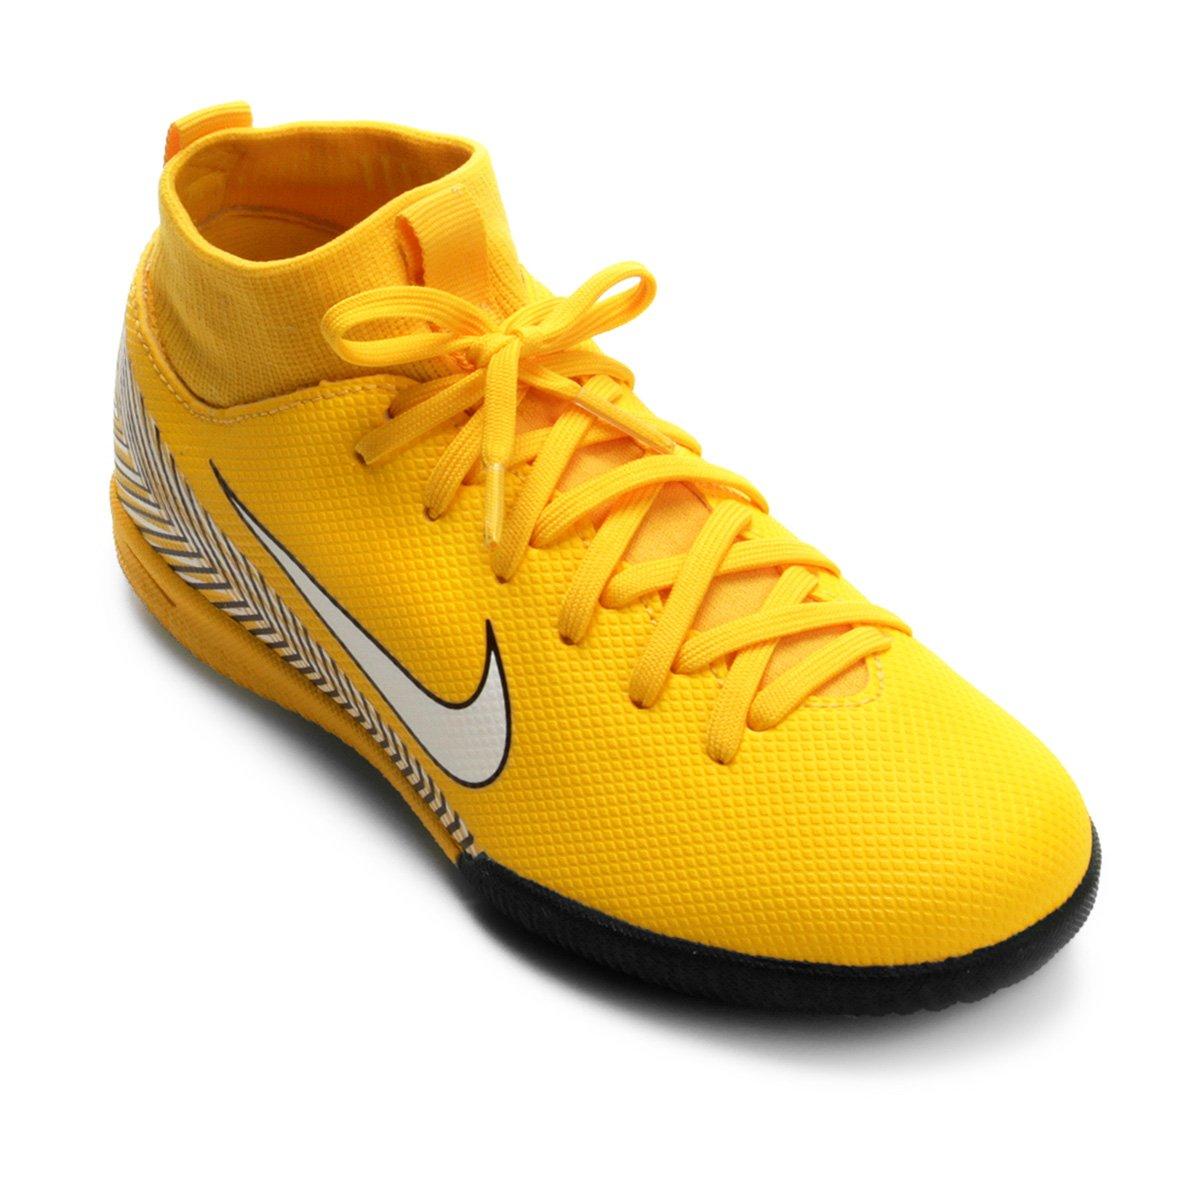 784327c51c5e8 Chuteira Futsal Infantil Nike Mercurial Superfly 6 Academy - Amarelo e  Preto | Shop Timão